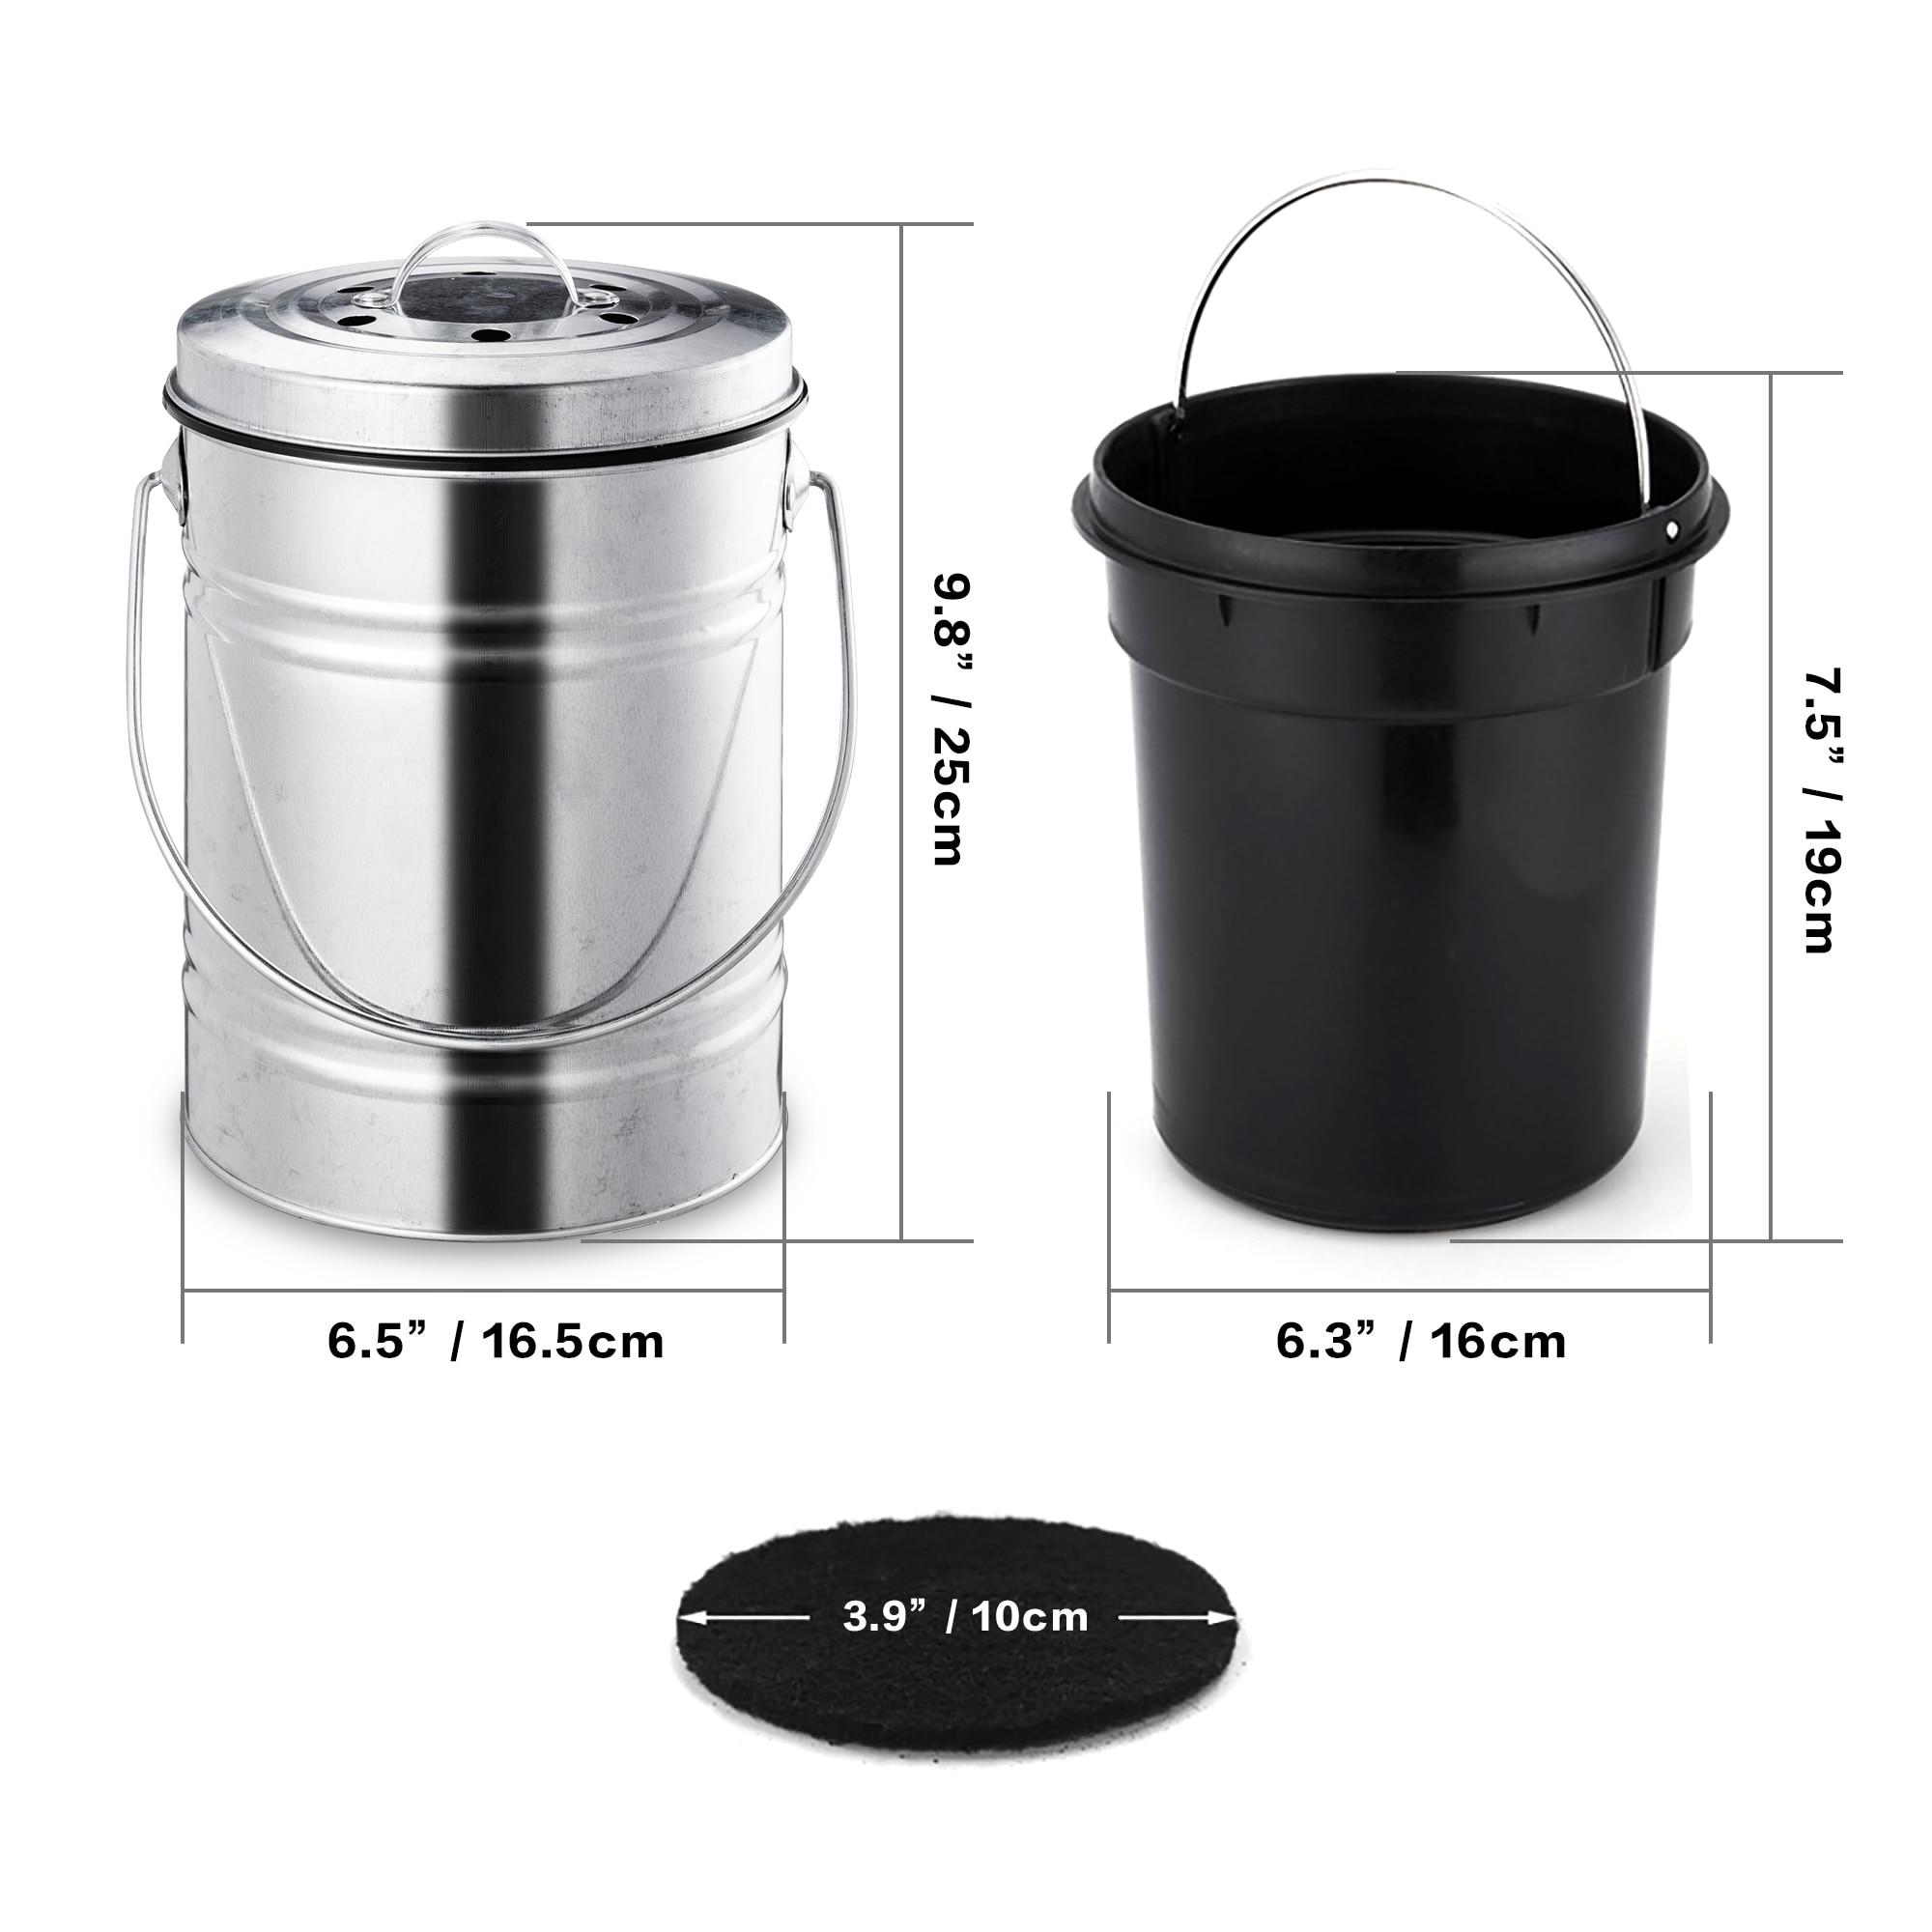 Outdoor Compost Bucket Indoor Odorless Countertop Compos 3L Kitchen Compost Bin